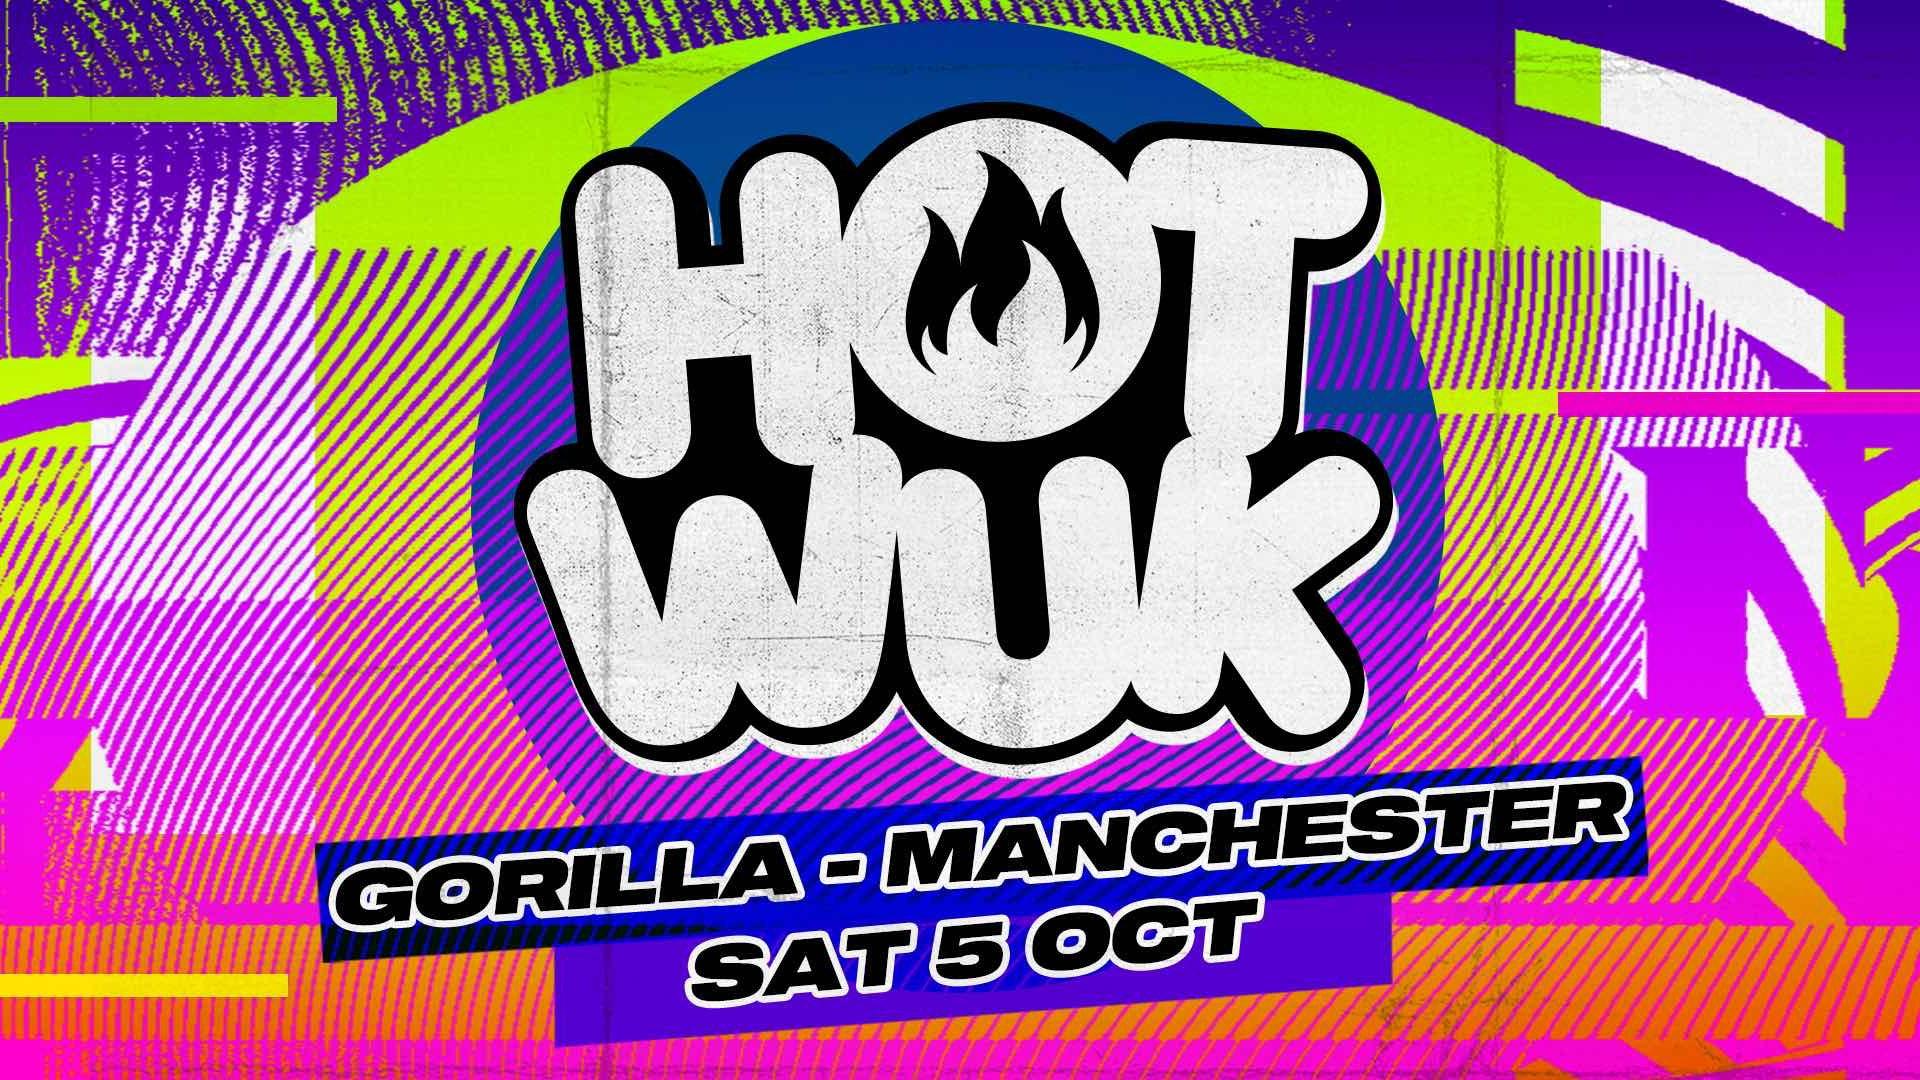 Hot Wuk